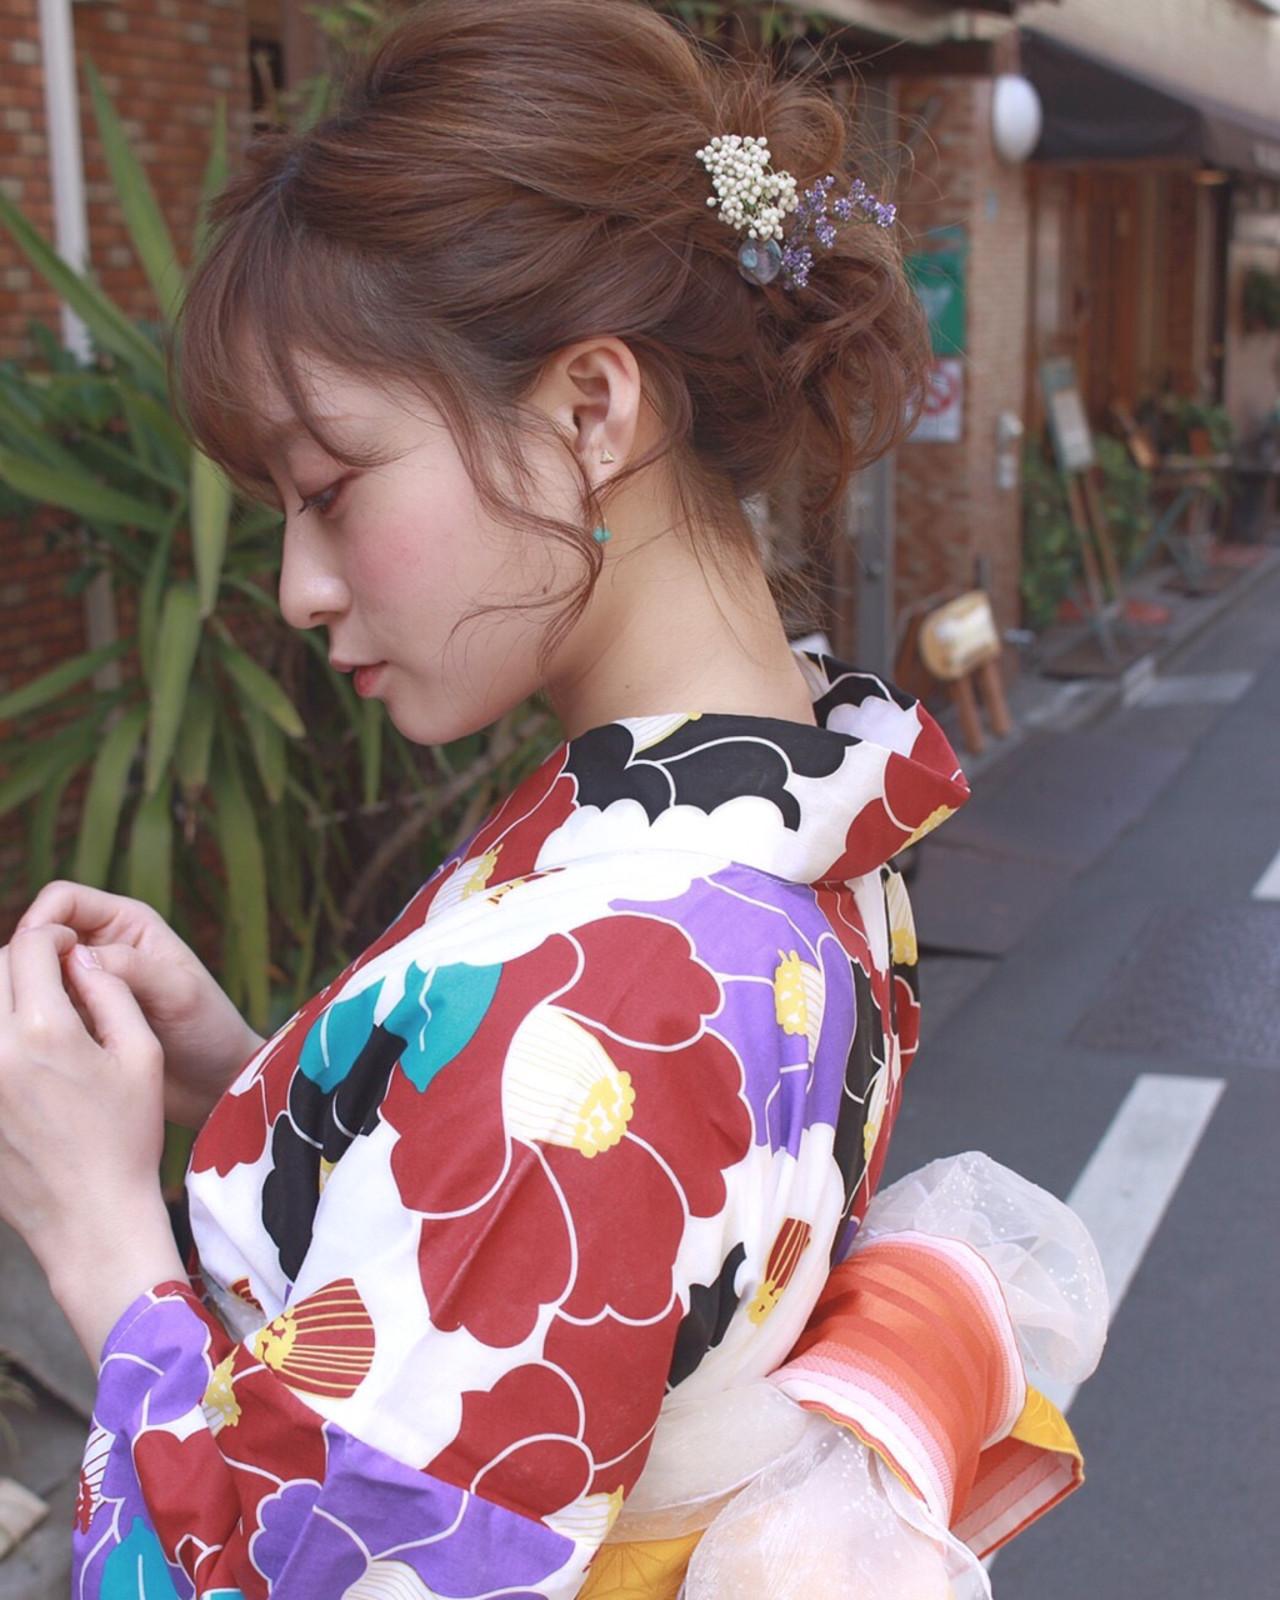 ヘアアレンジ 夏 ナチュラル ラフ ヘアスタイルや髪型の写真・画像